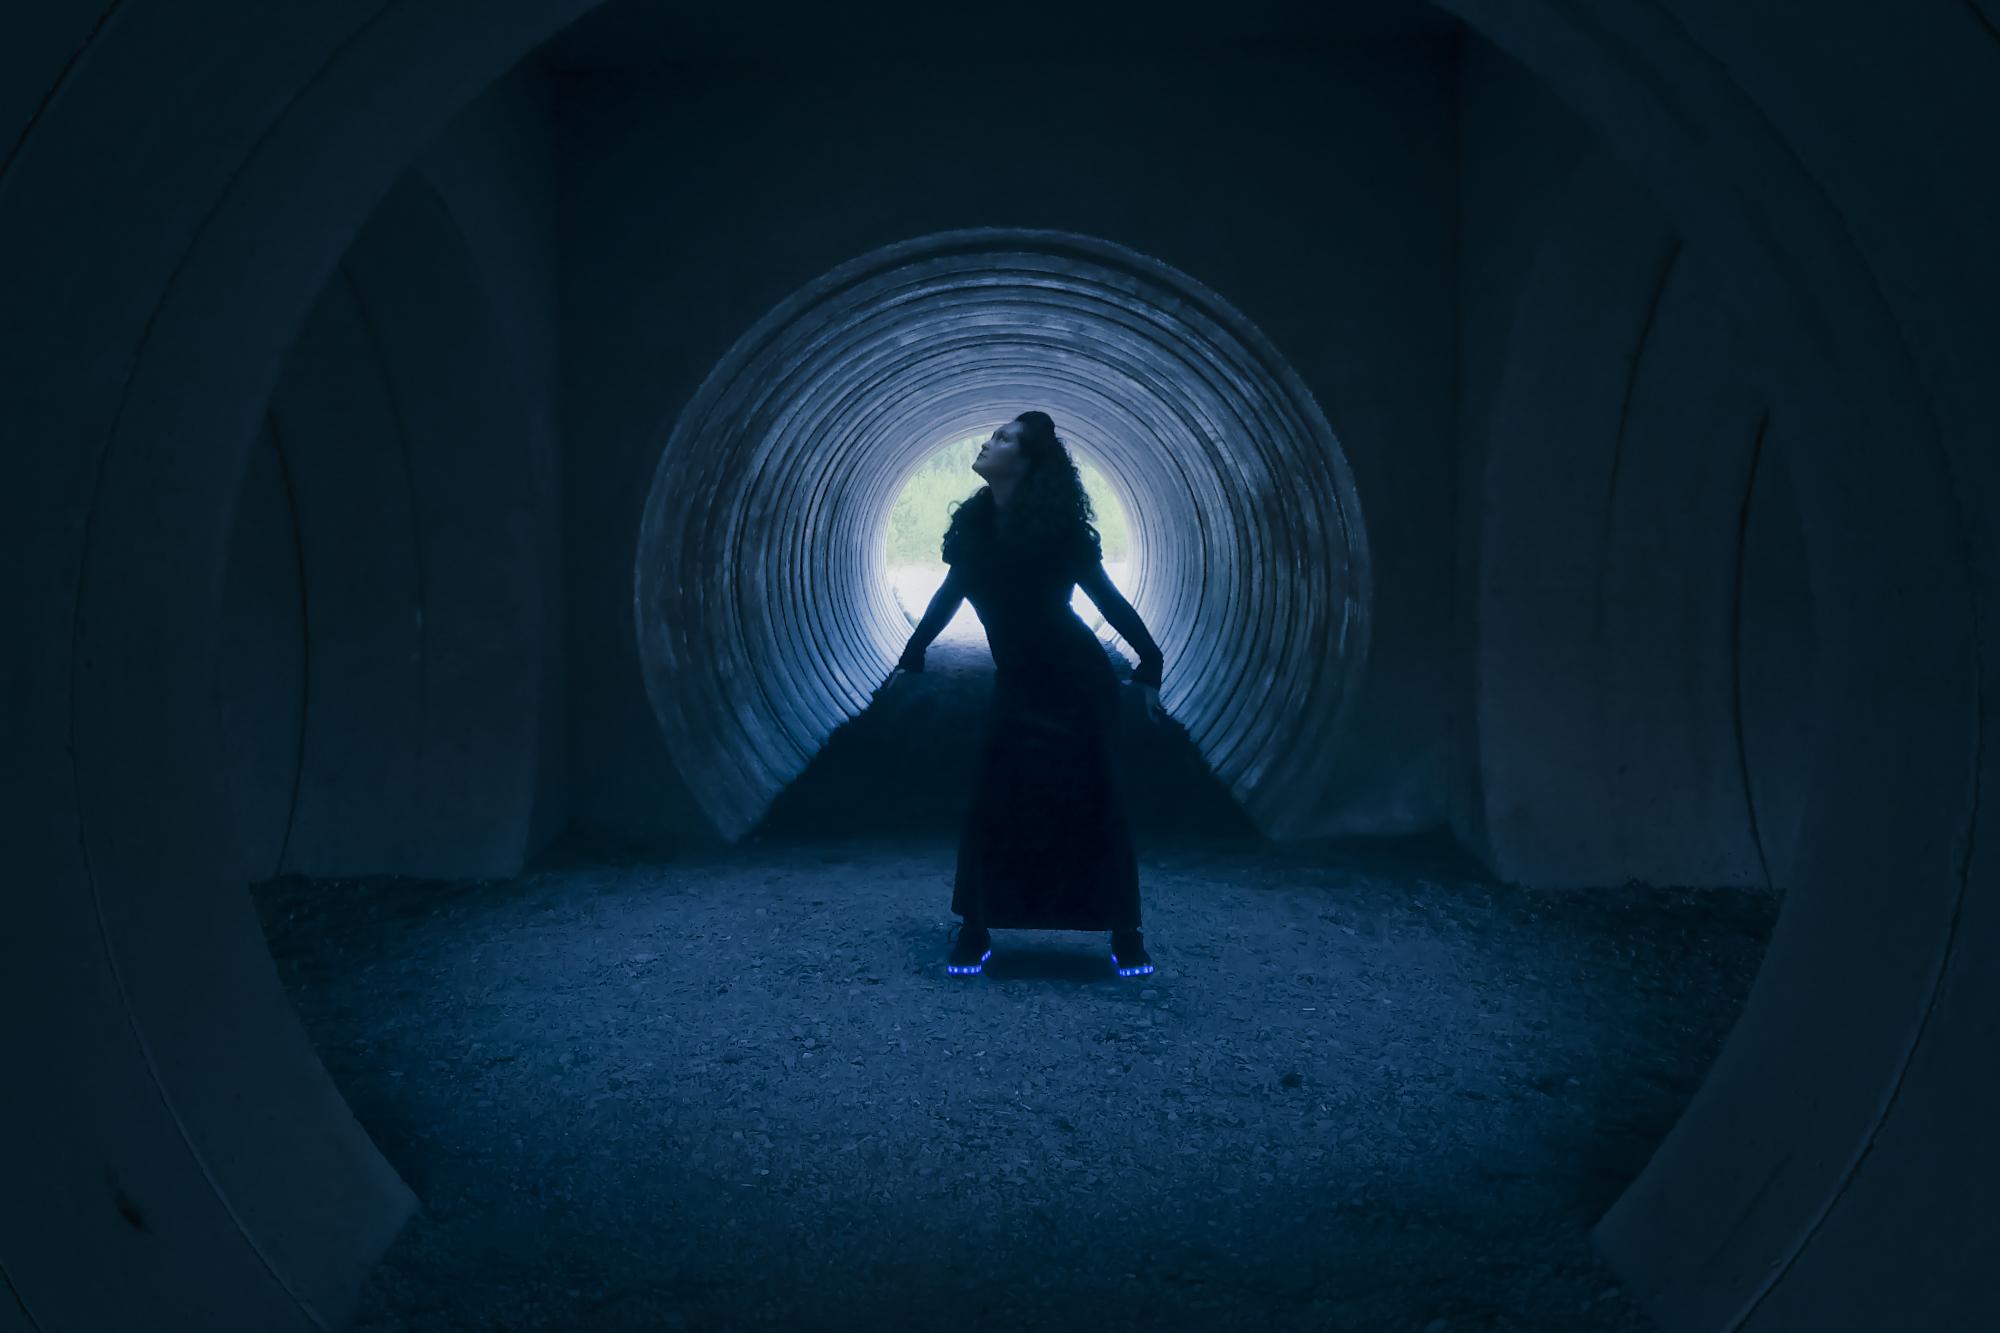 Dark-Lady-Arteles-Fashion-Film-Cy-Gorman.jpg